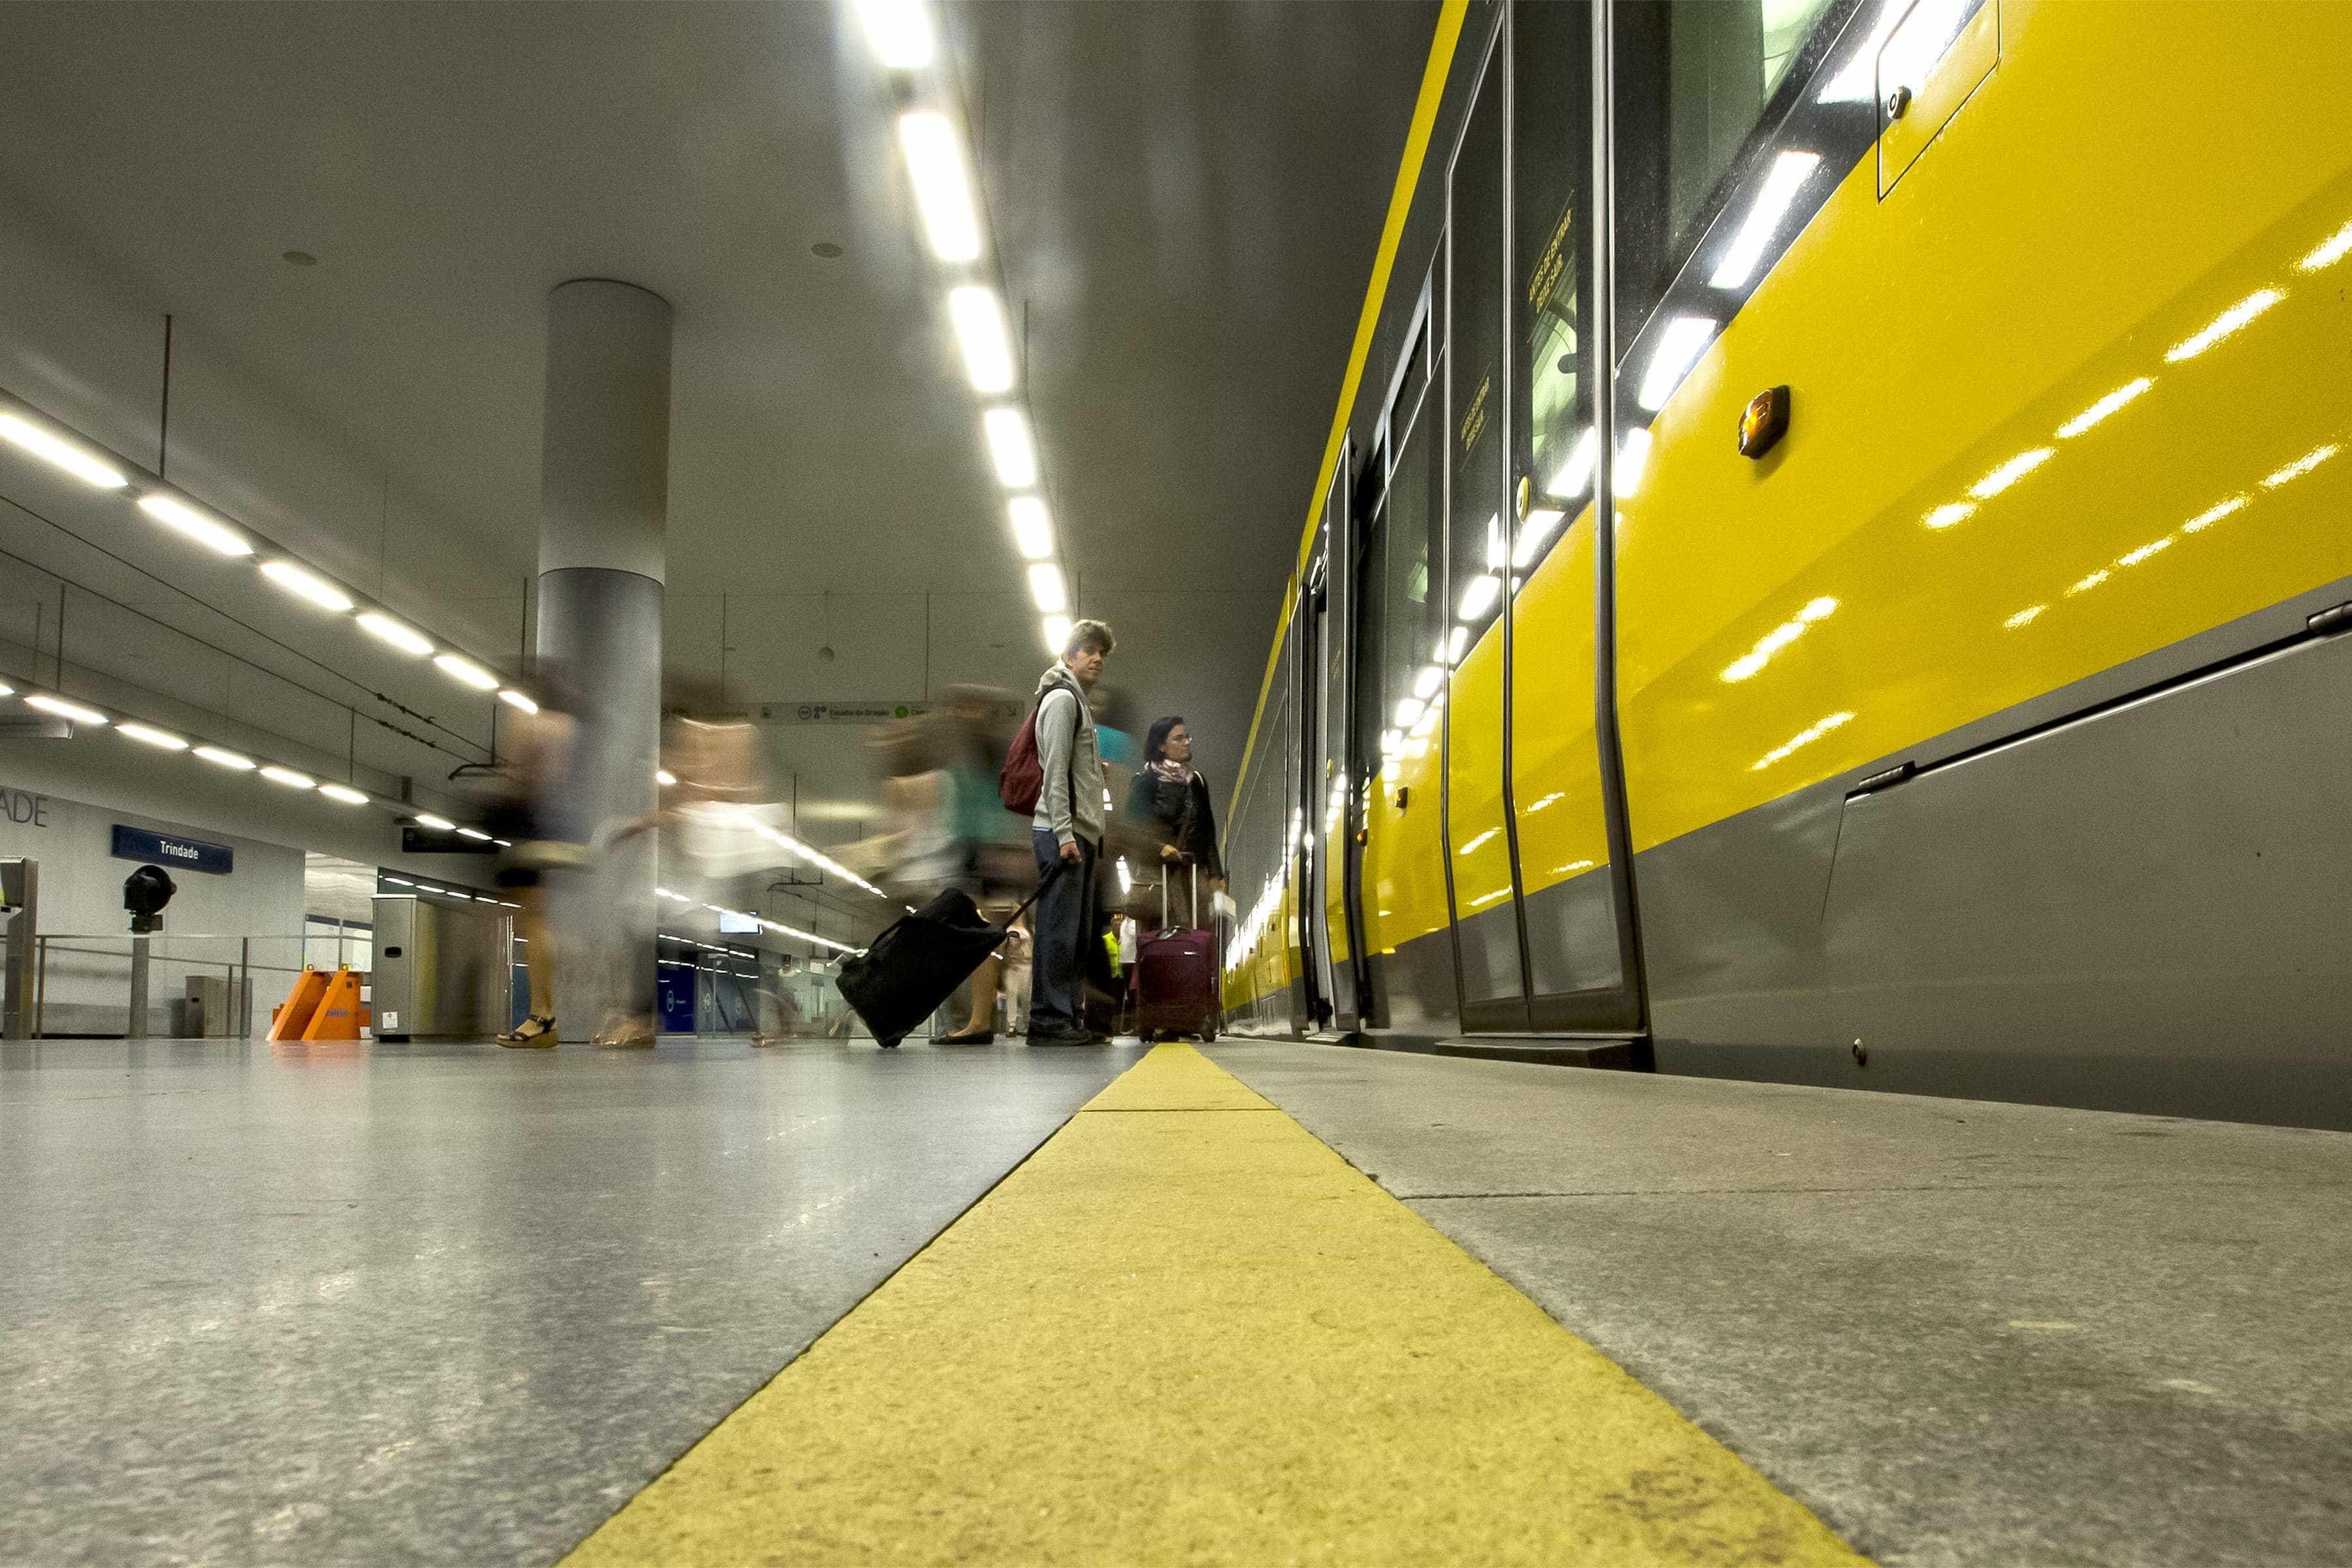 Atropelamento interrompe circulação de metro em Matosinhos